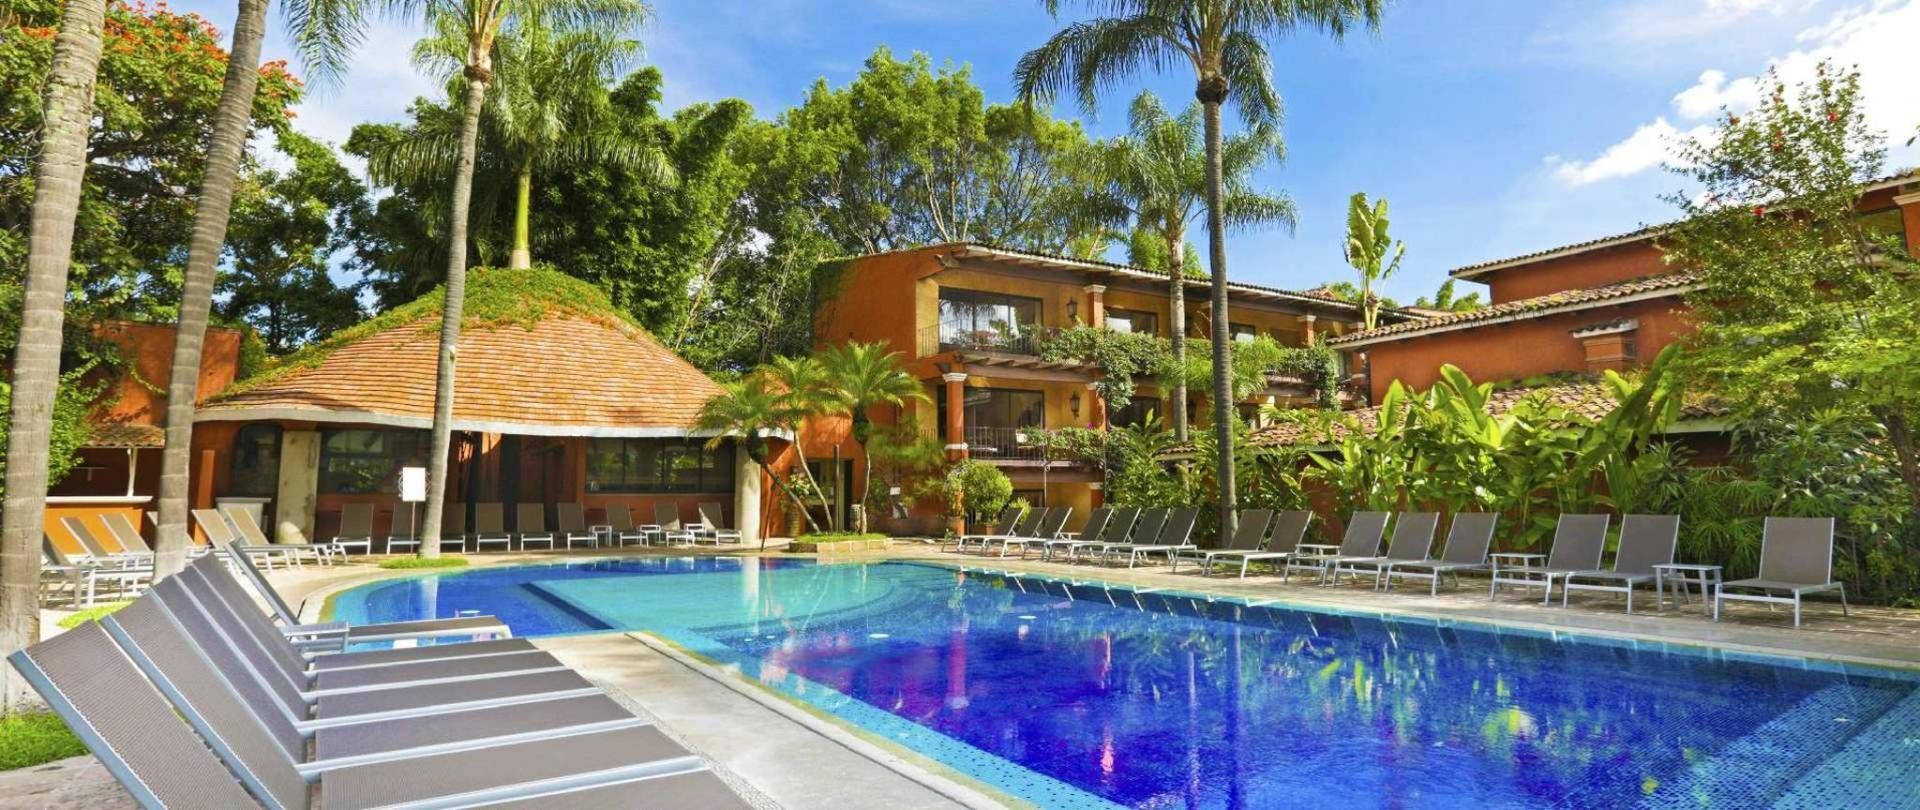 Hosteria Las Quintas Hôtel & Spa